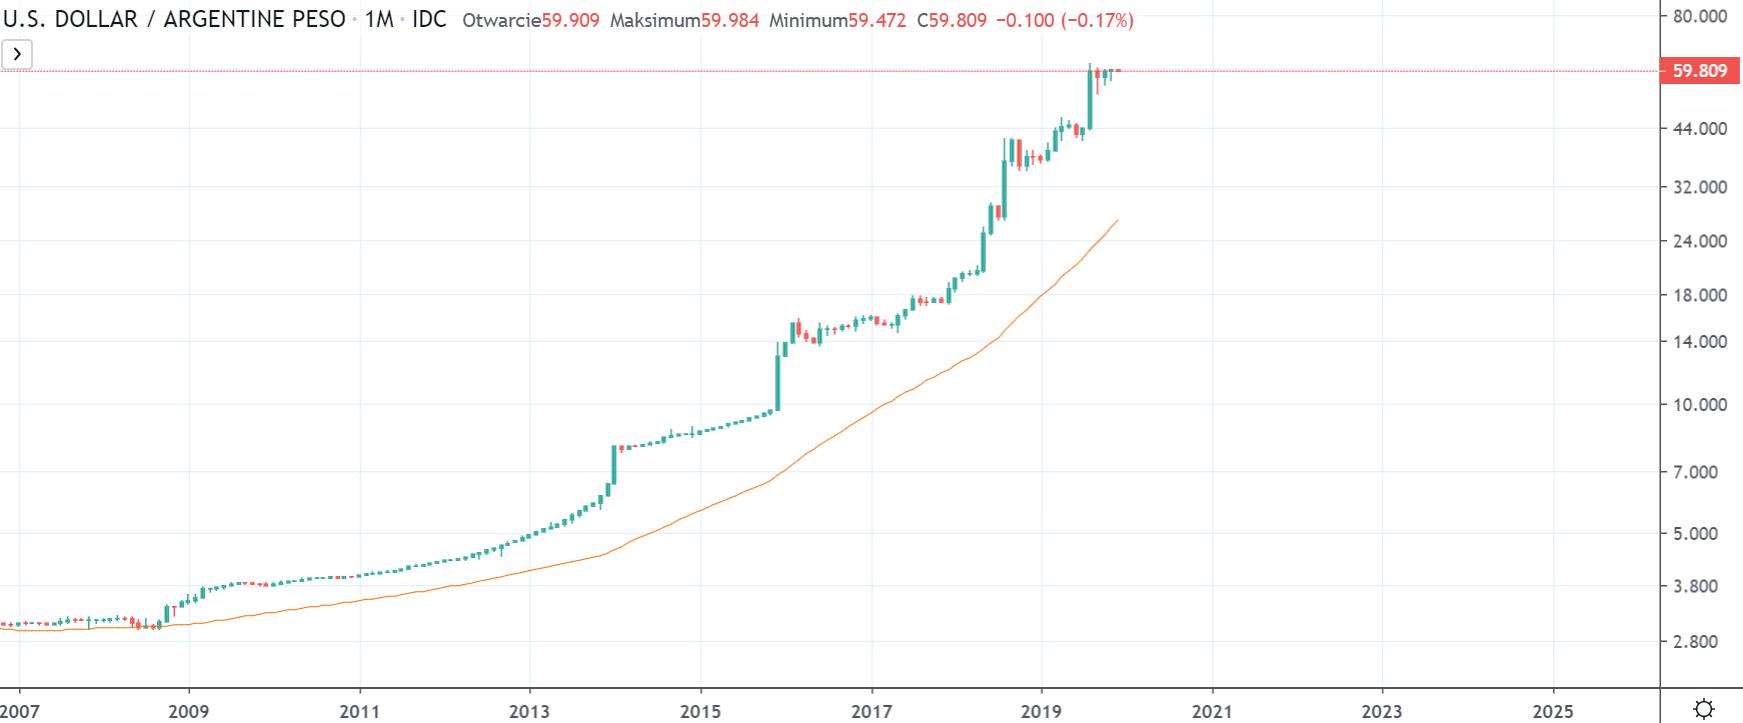 Kurs USDARS na interwale miesięcznym, tradingviewcom